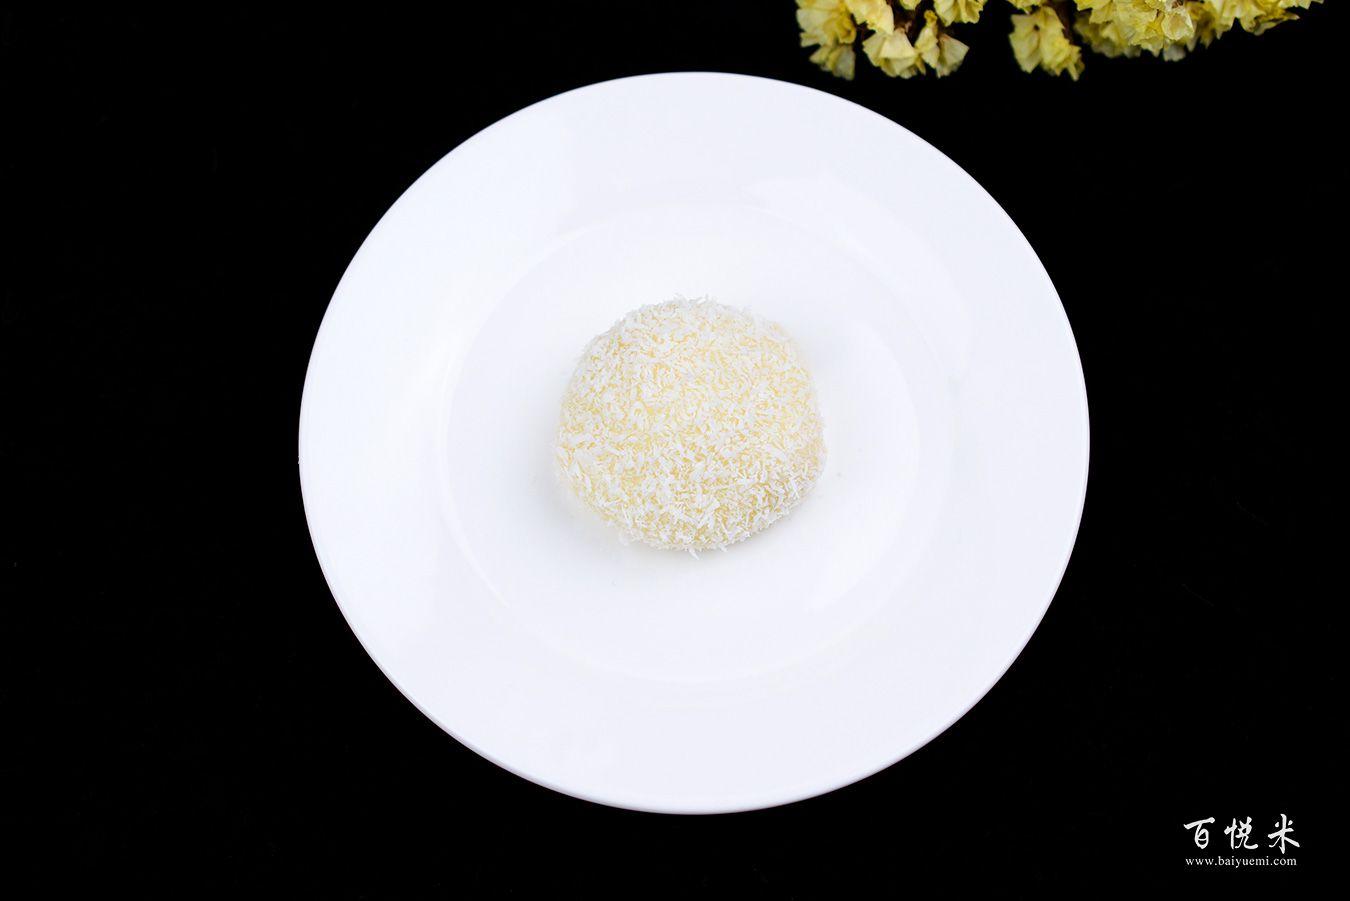 芒果糯米糍高清图片大全【蛋糕图片】_950